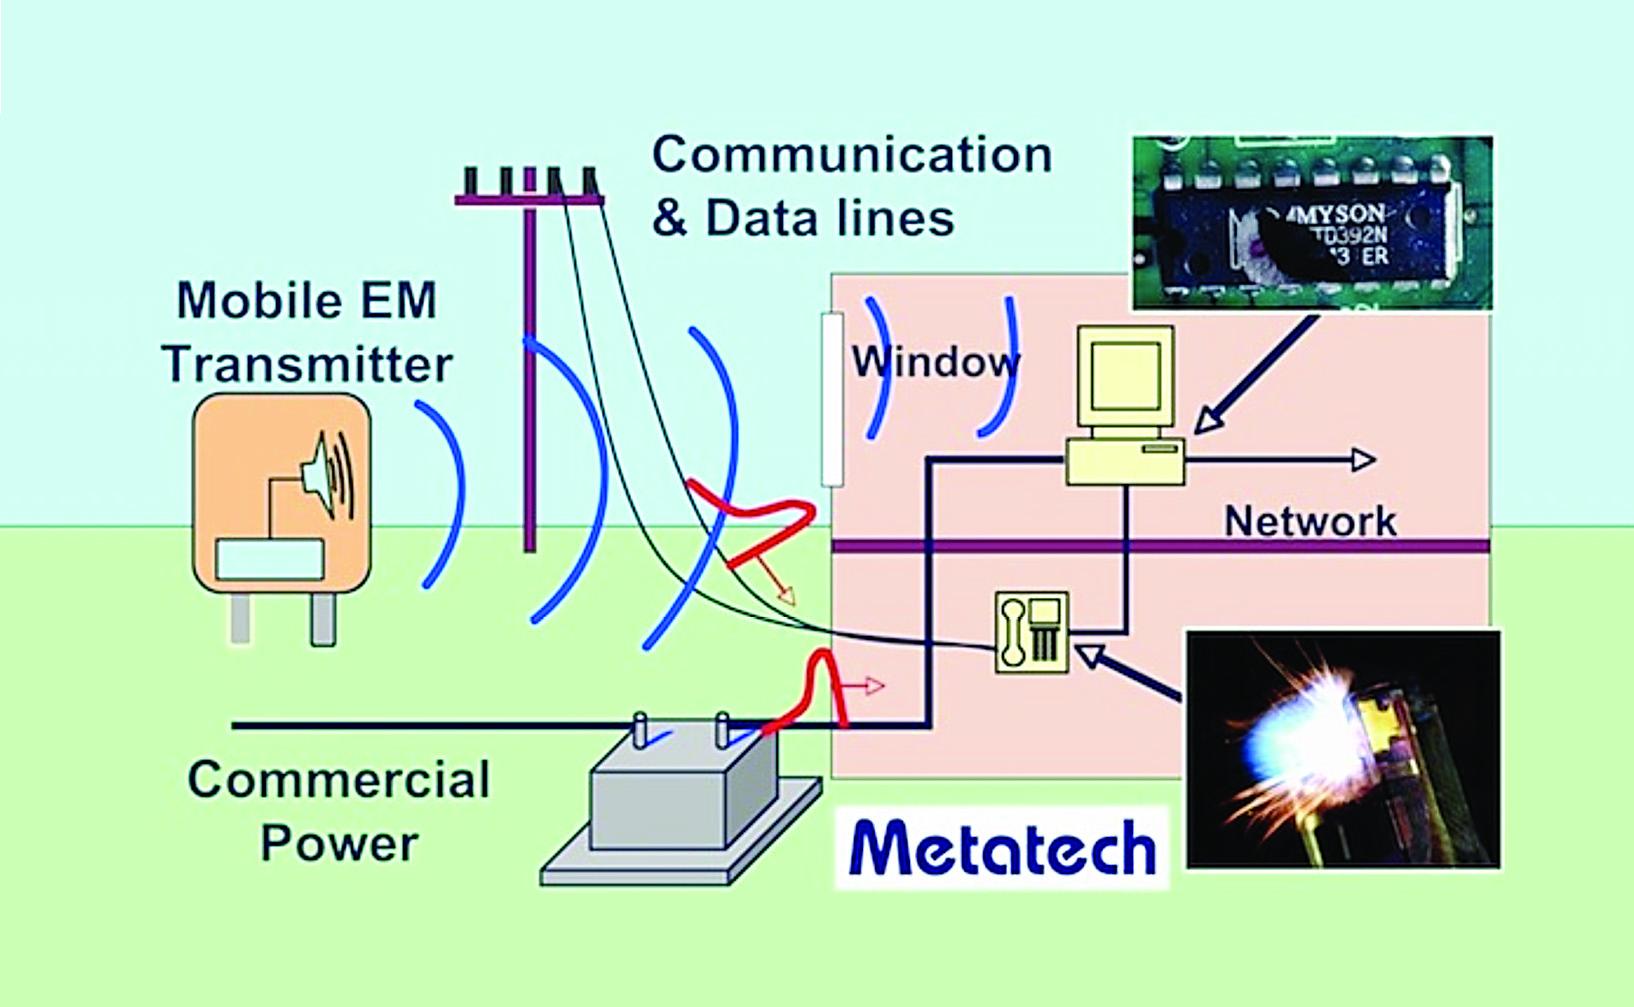 Figure 1. One scenario for IEMI interactions.